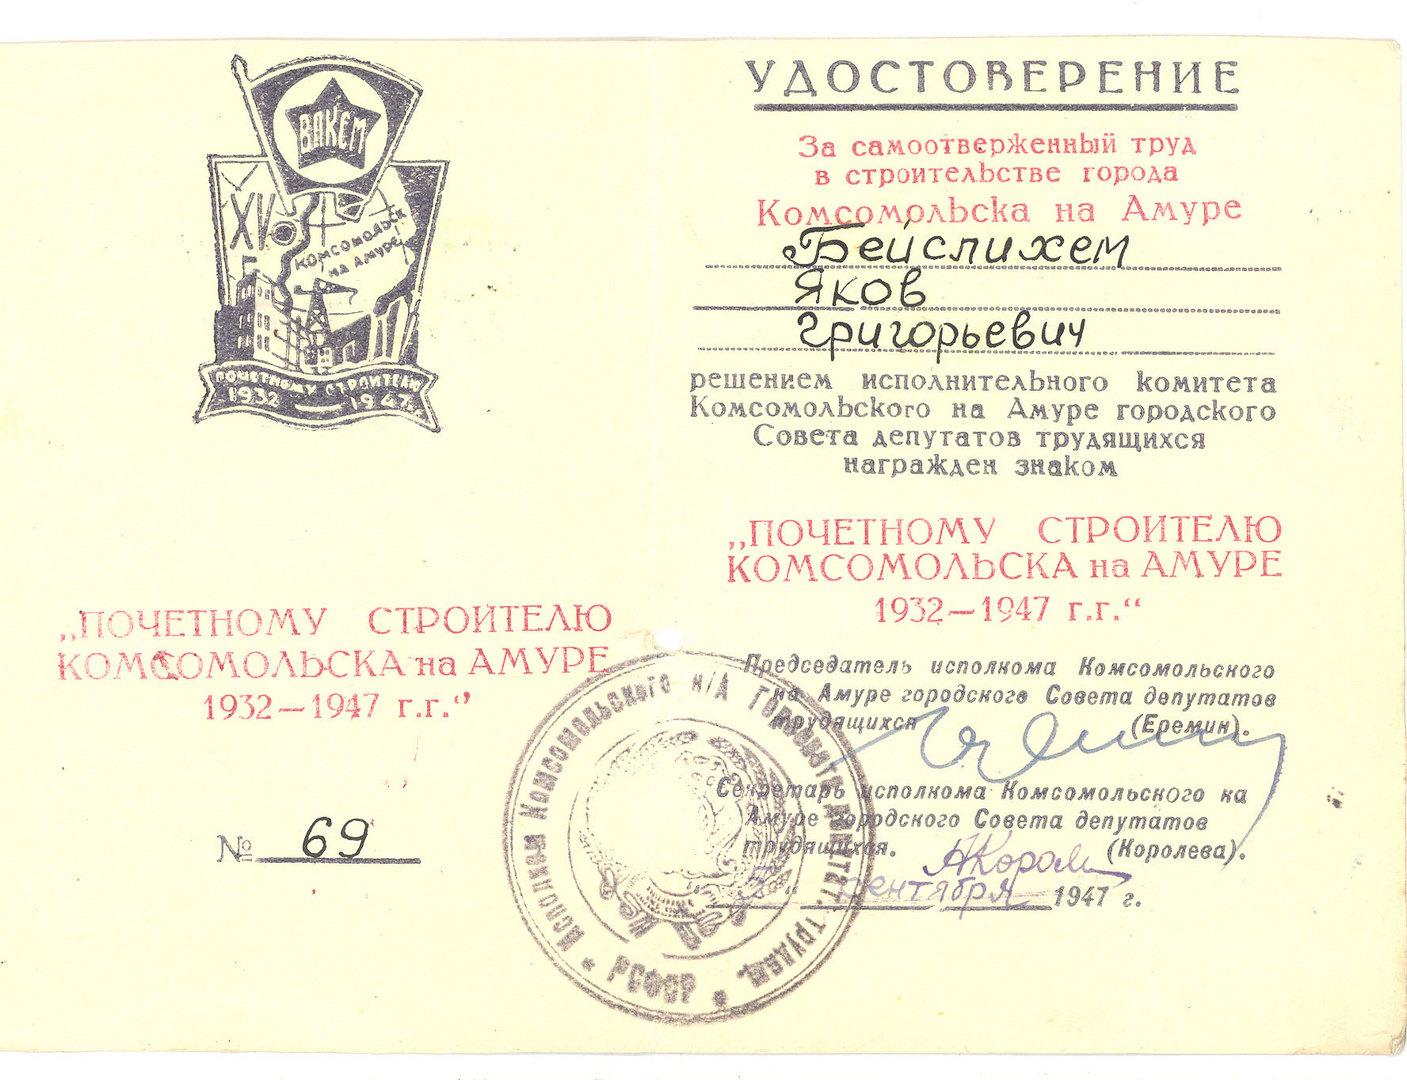 Удостоверение № 69 к знаку «Почётному строителю Комсомольска на Амуре 1932 - 1947 г.г.»